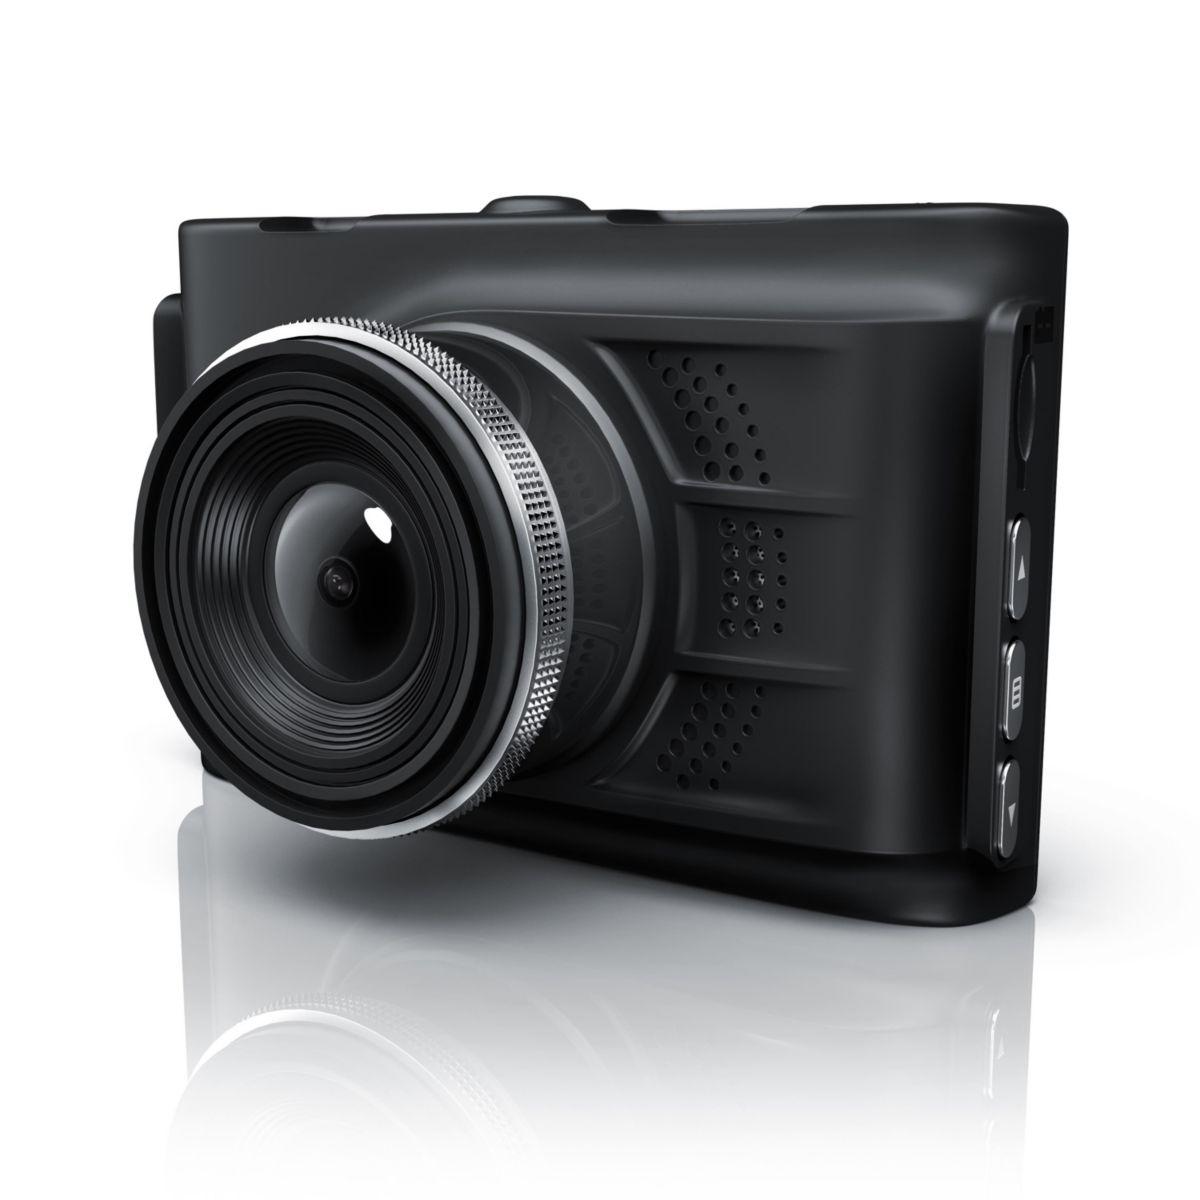 Wunderbar C500 Bildwiederholraten Bilder - Benutzerdefinierte ...